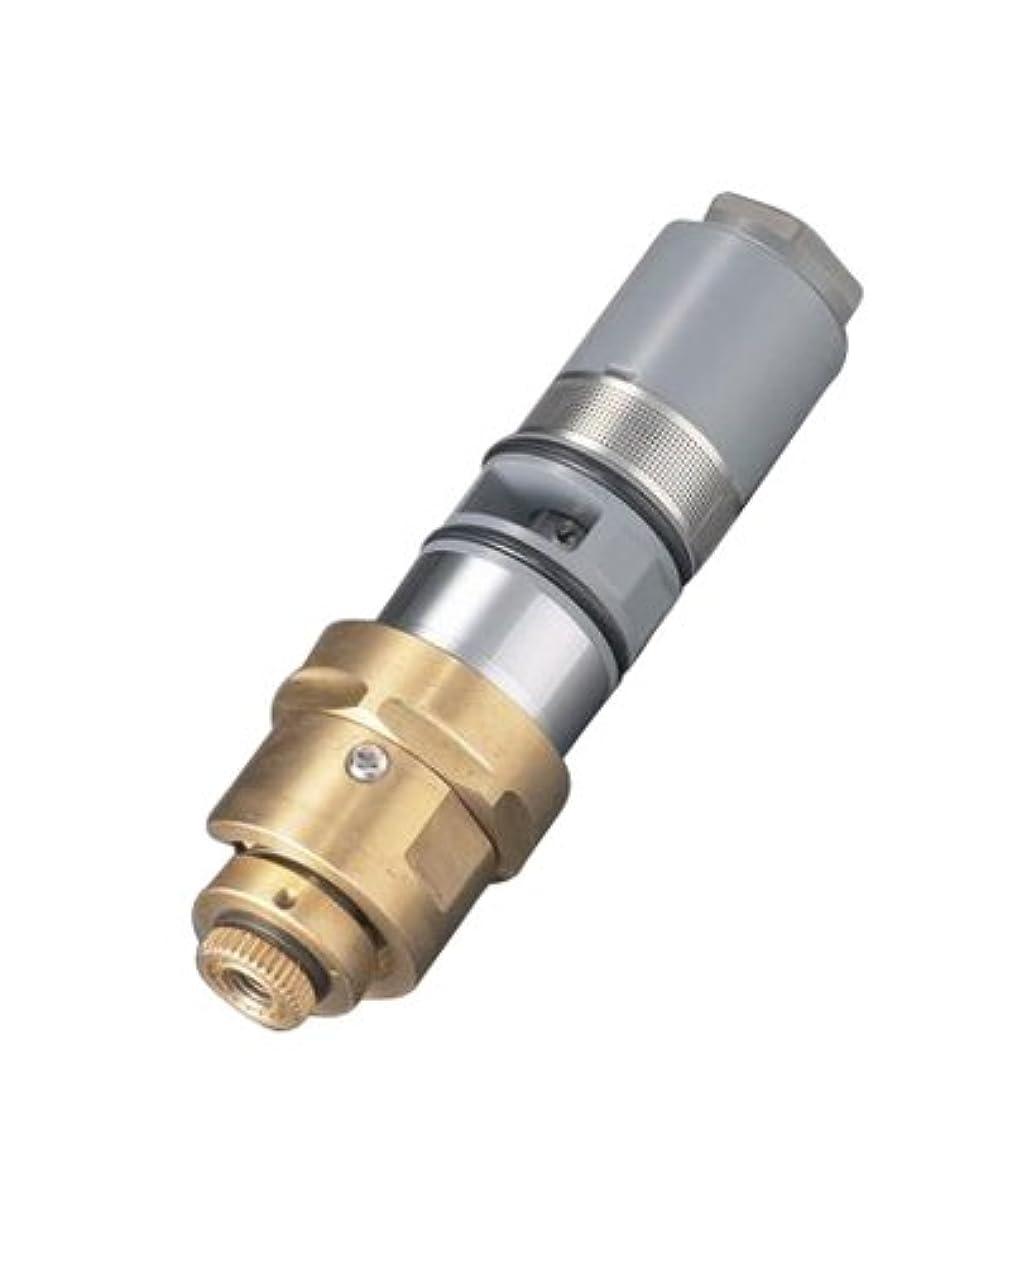 問題オプショナル祖母TOTO オートストップ水栓用自閉バルブ部 TH745-1S